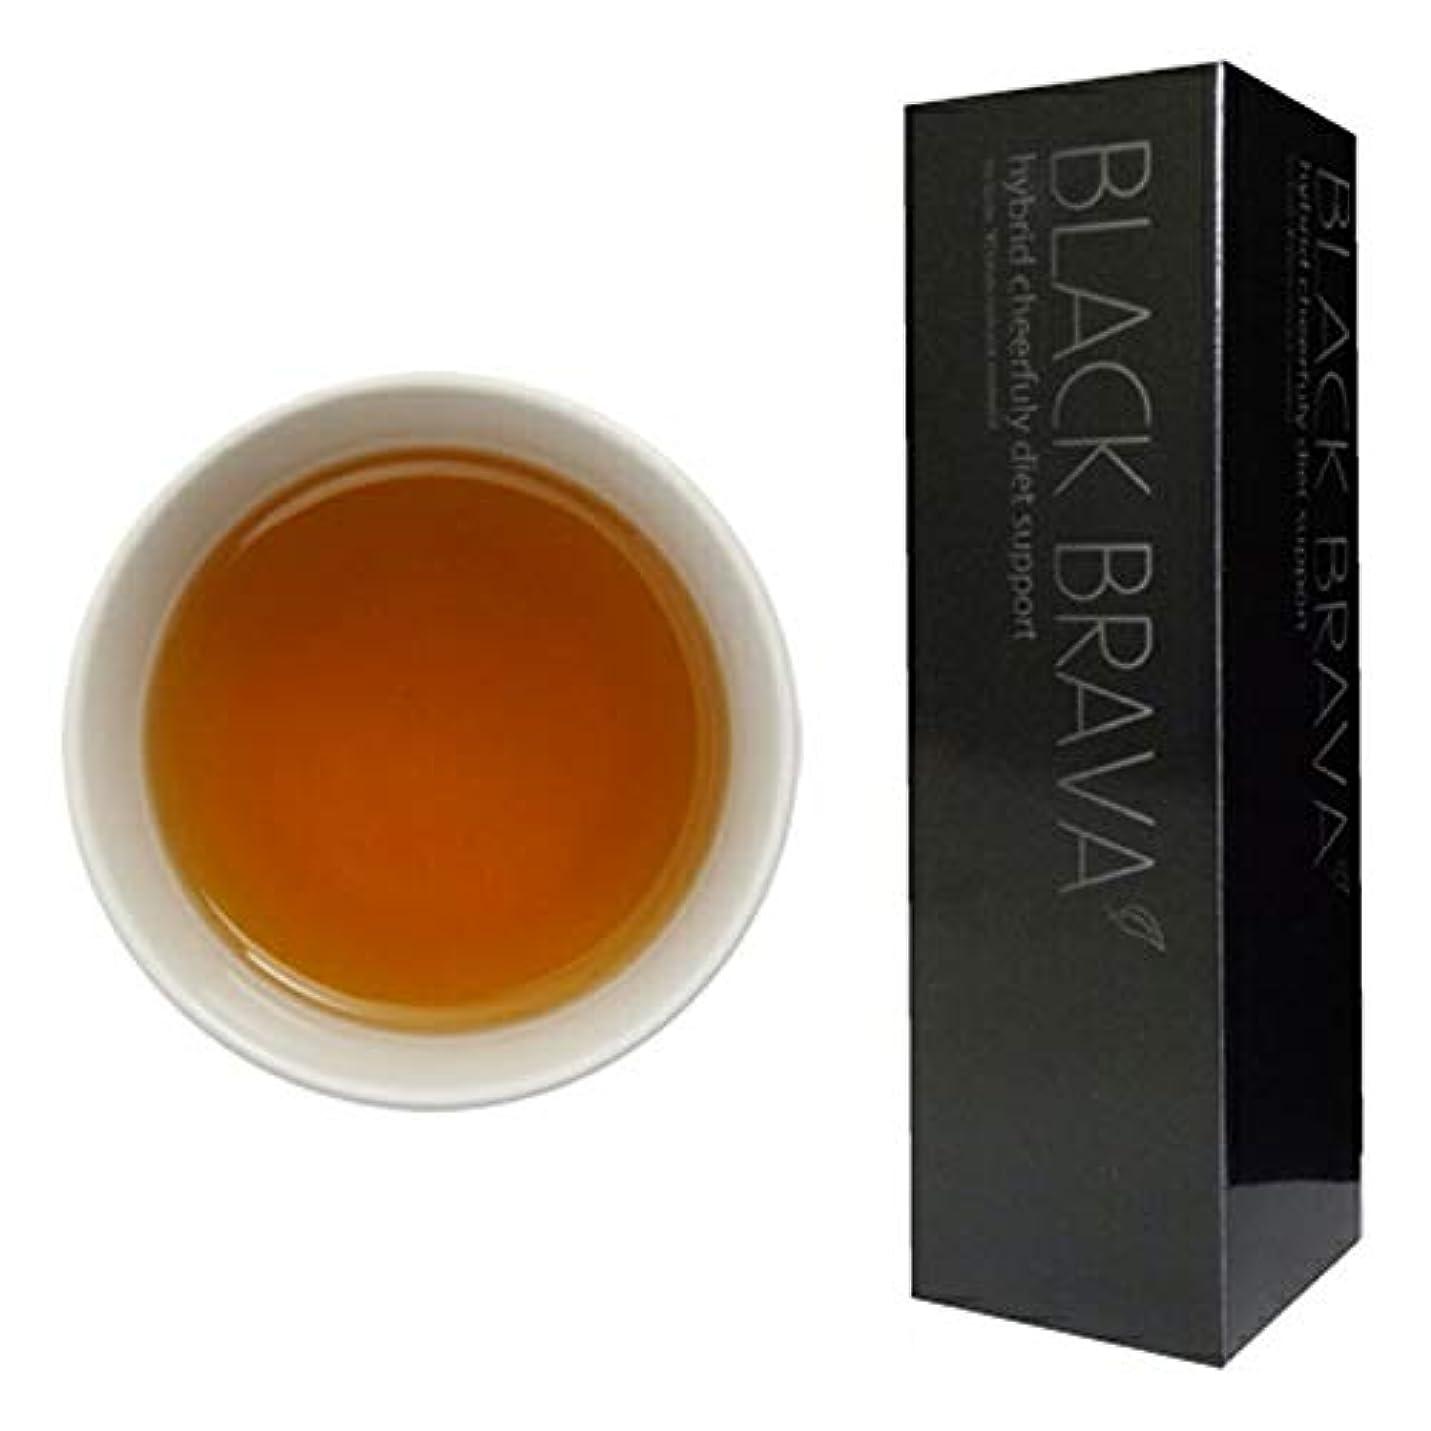 棚大宇宙ルーキーブラバ が進化 ダイエットティー ハイブリッド チアフリー ダイエットサポート ブラックブラバ ブラバ茶 2本セット